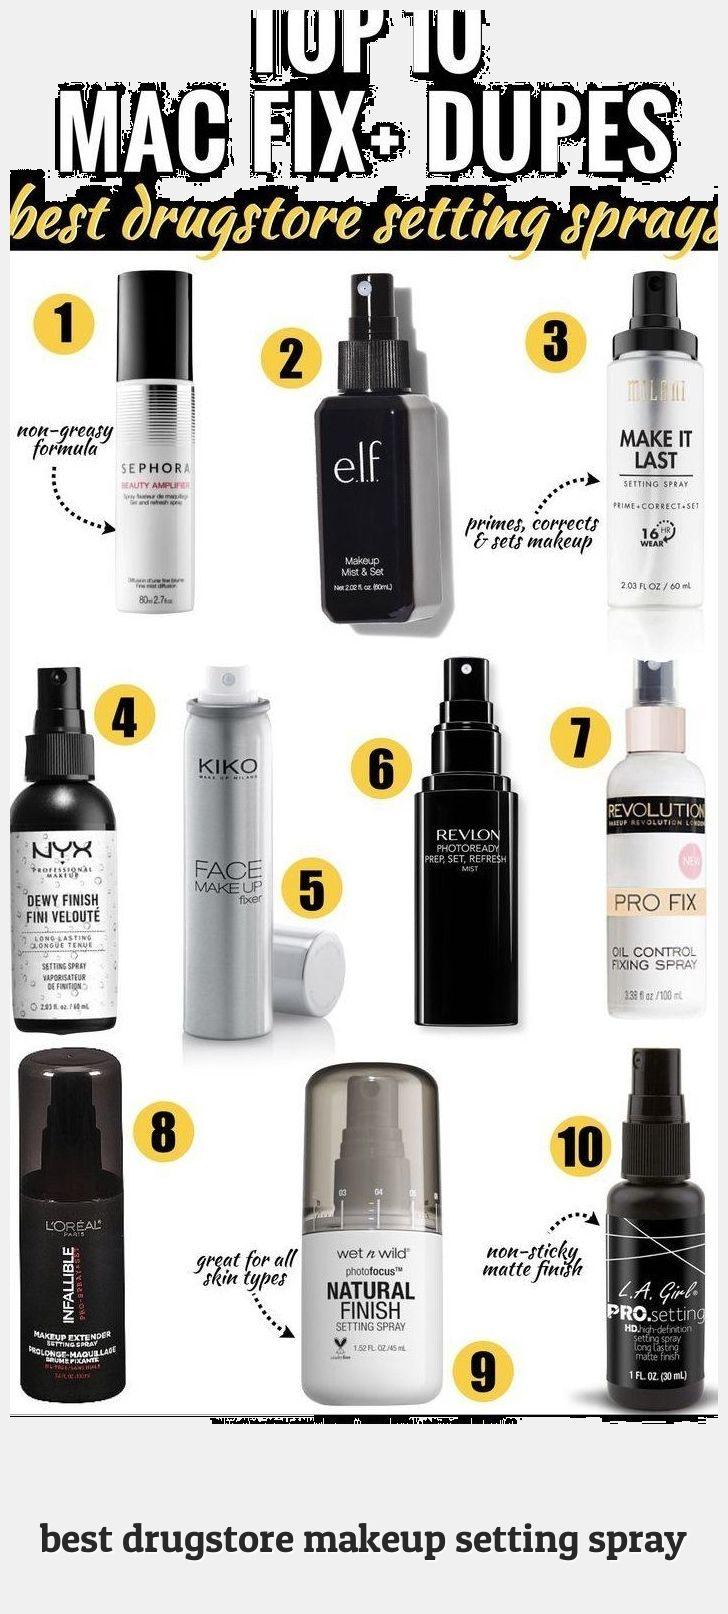 Drugstore Makeup Dupes 97586 10 best Mac Fix Plus Dupes